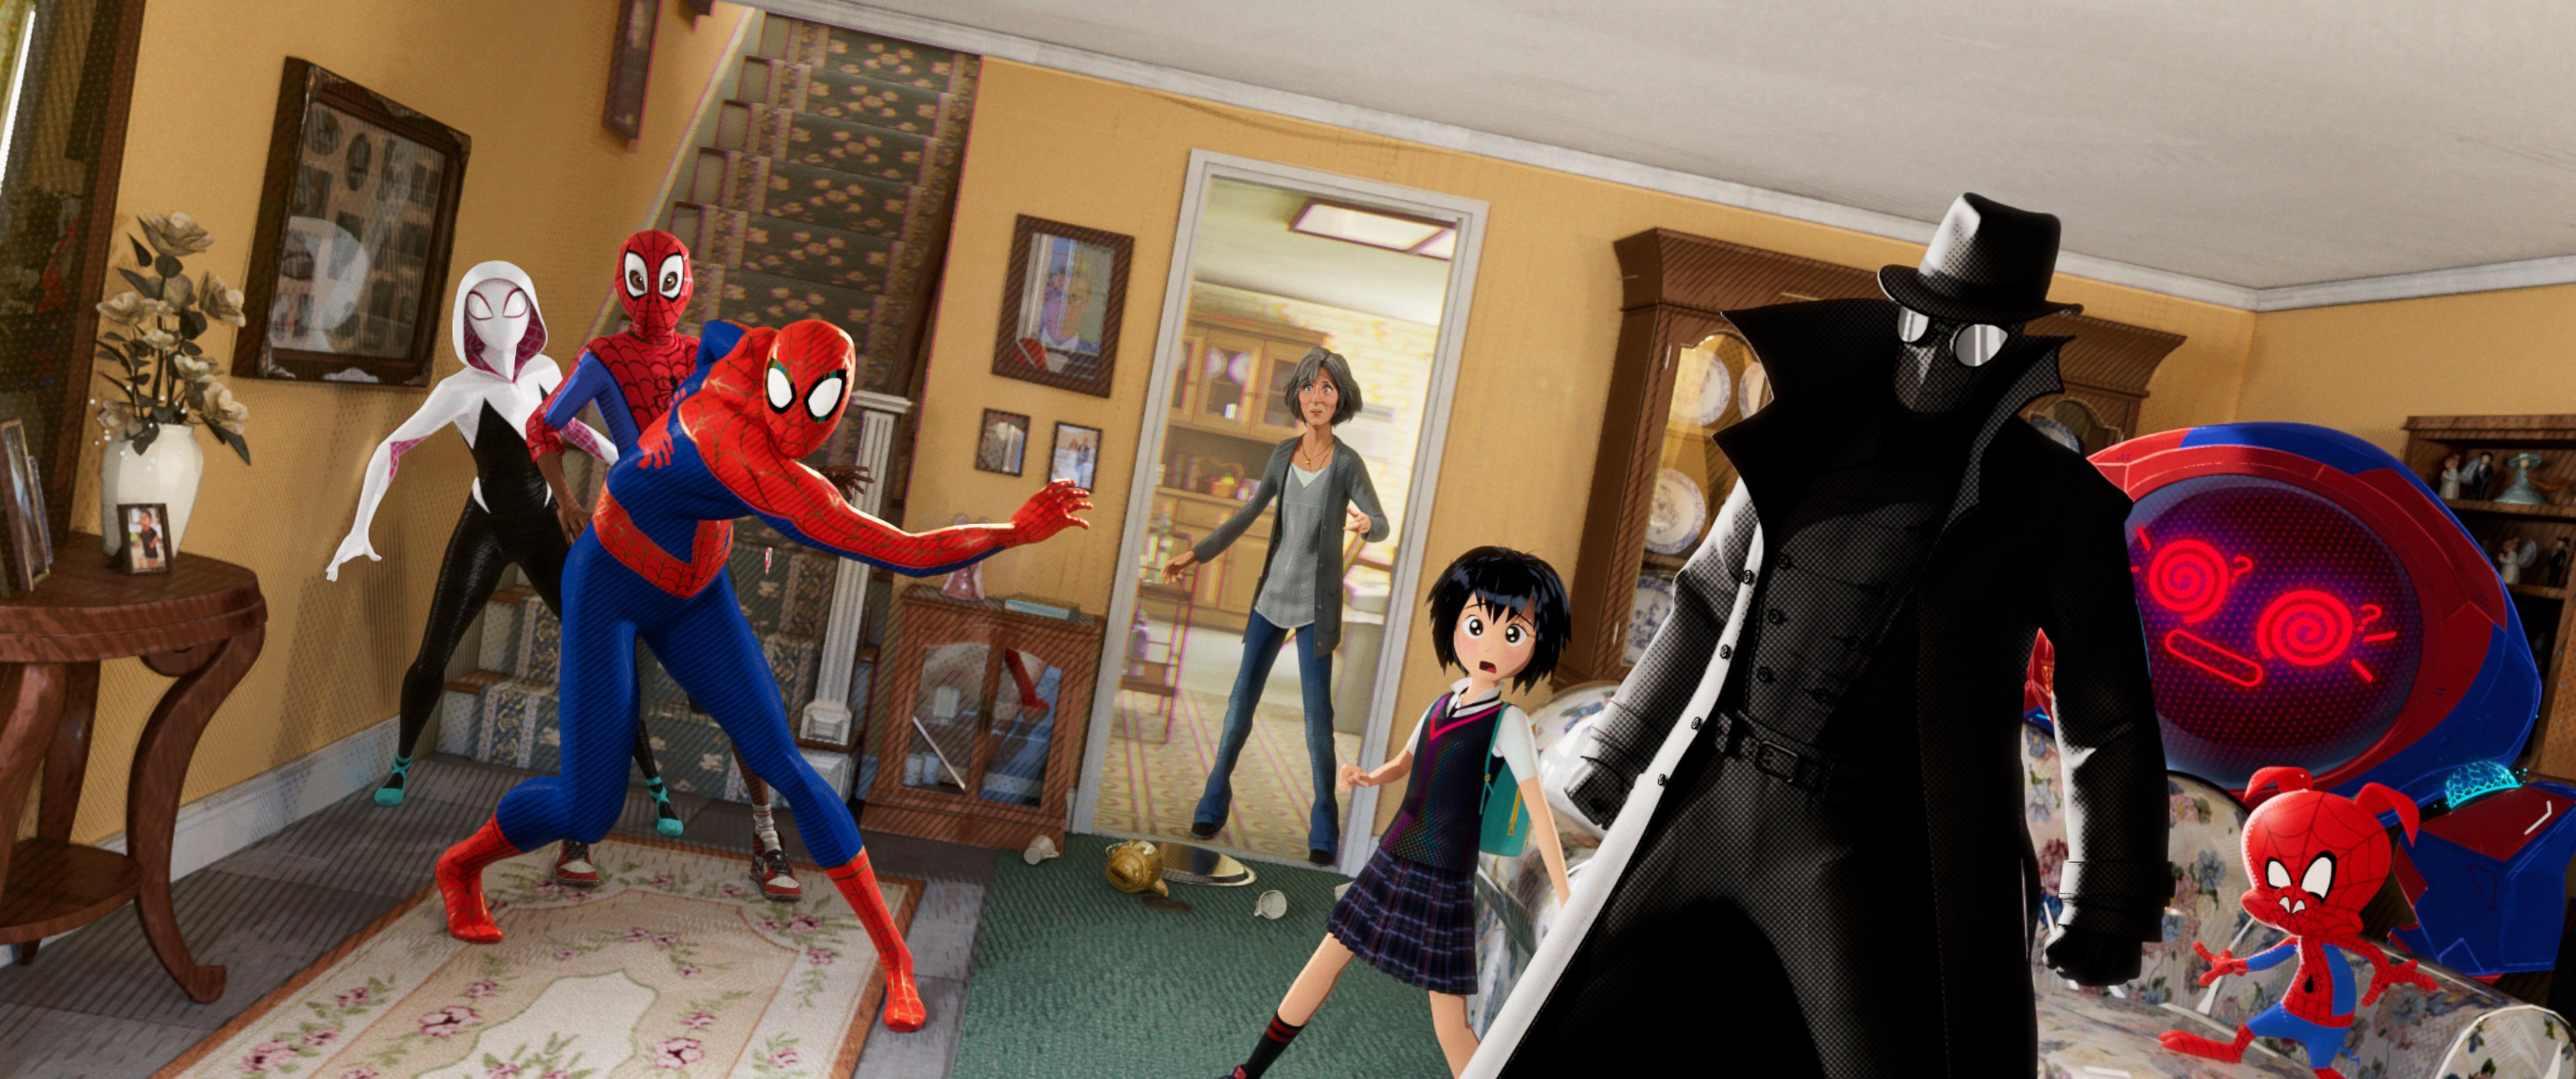 【本編特別映像解禁!】スパイダーマンは1人じゃない! 異次元から導かれたスパイダーマンたち 秘密の地下基地に6人全員大集結!映画『スパイダーマン:スパイダーバース』